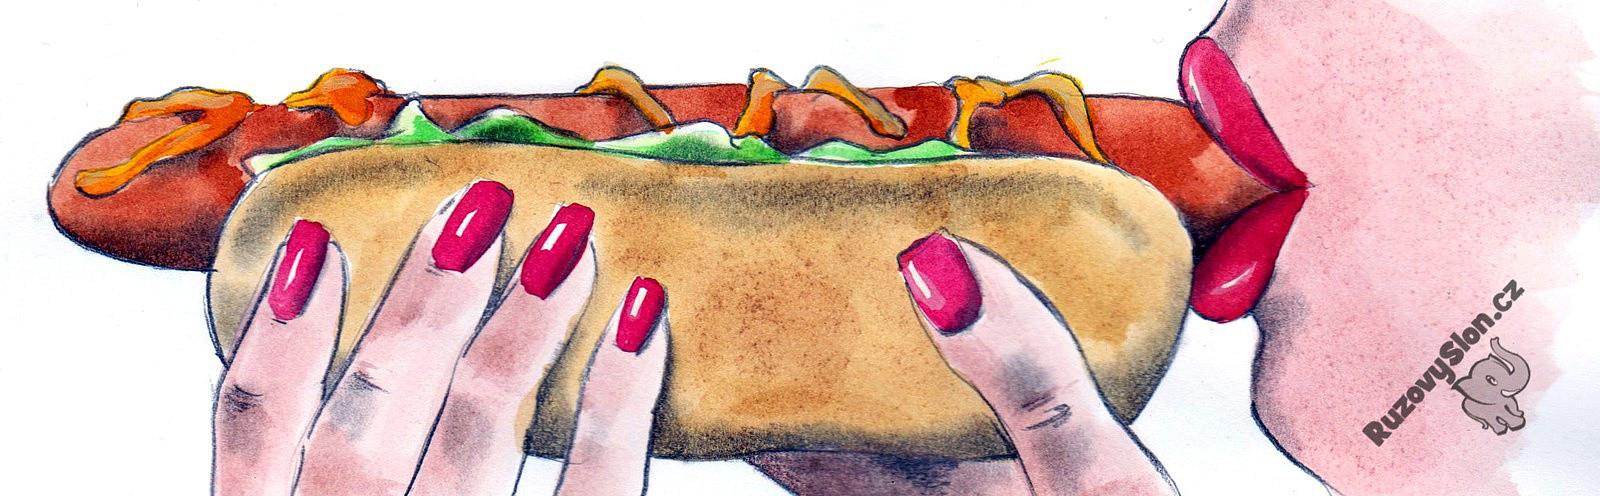 žena jí hot dog